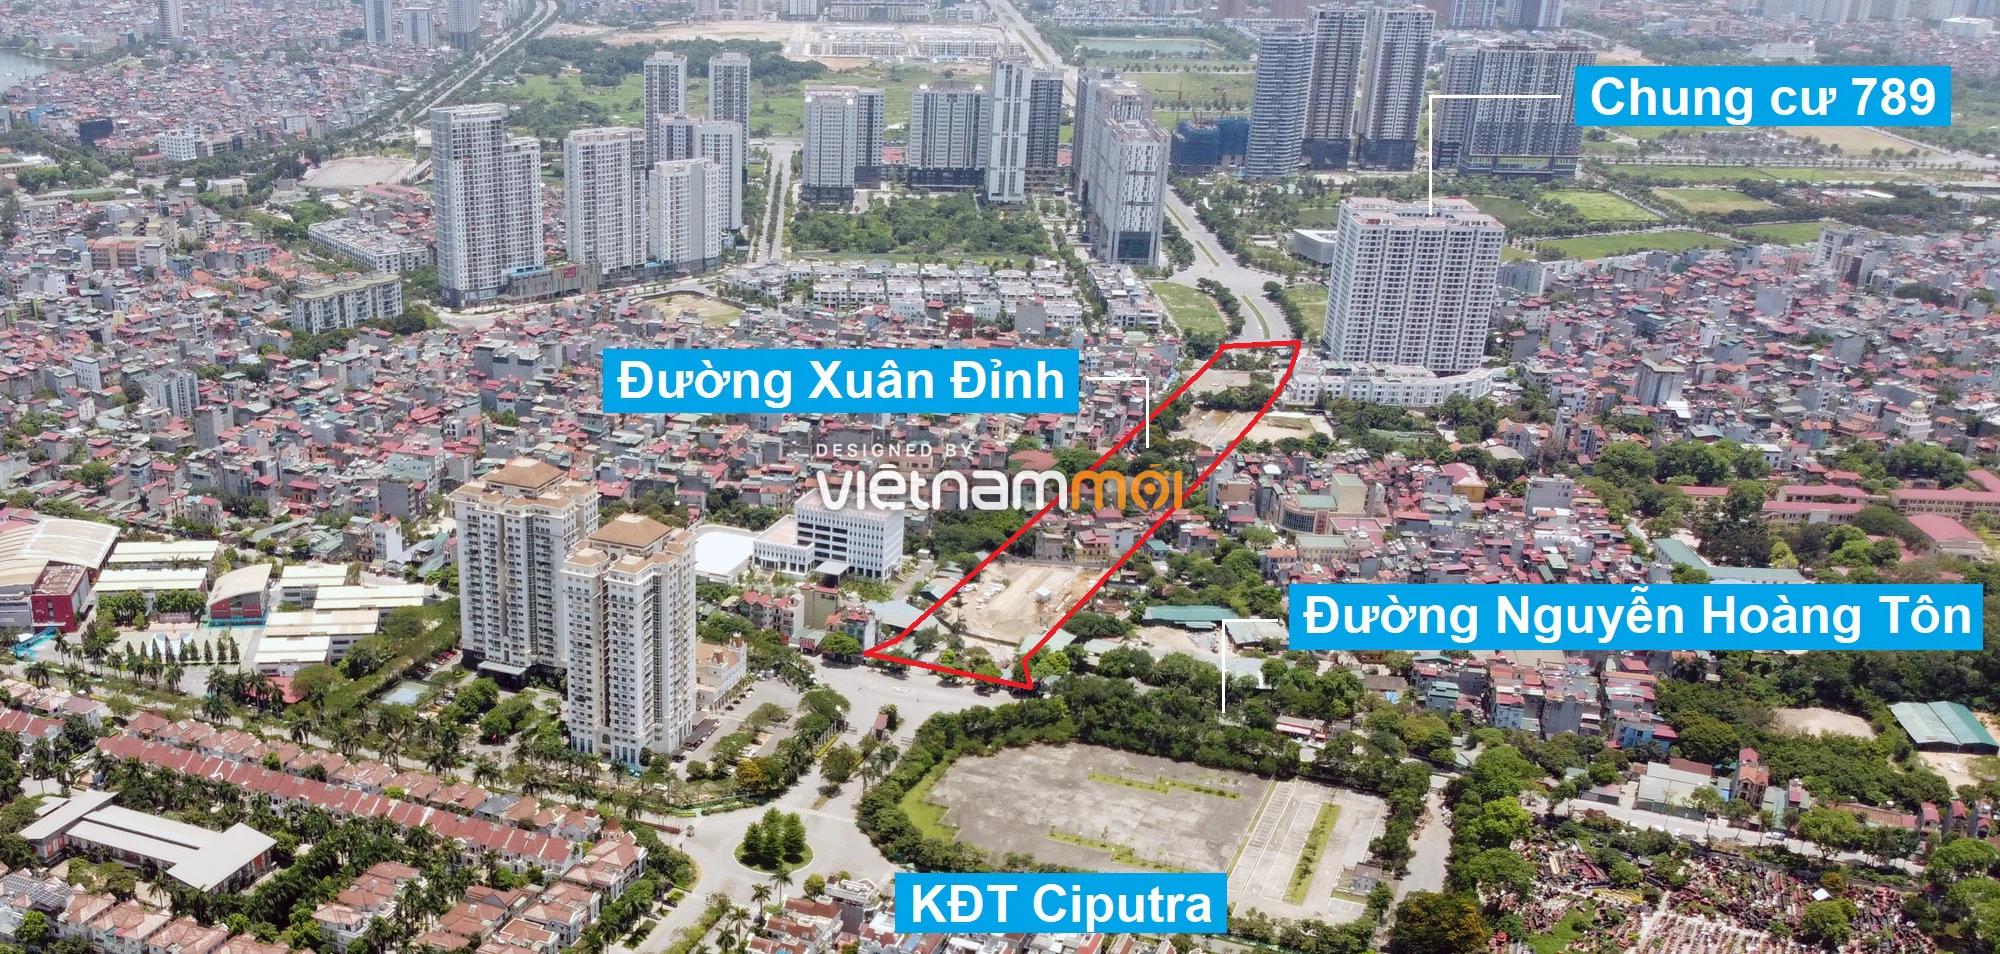 Những khu đất sắp thu hồi để mở đường ở quận Bắc Từ Liêm, Hà Nội (phần 1) - Ảnh 8.